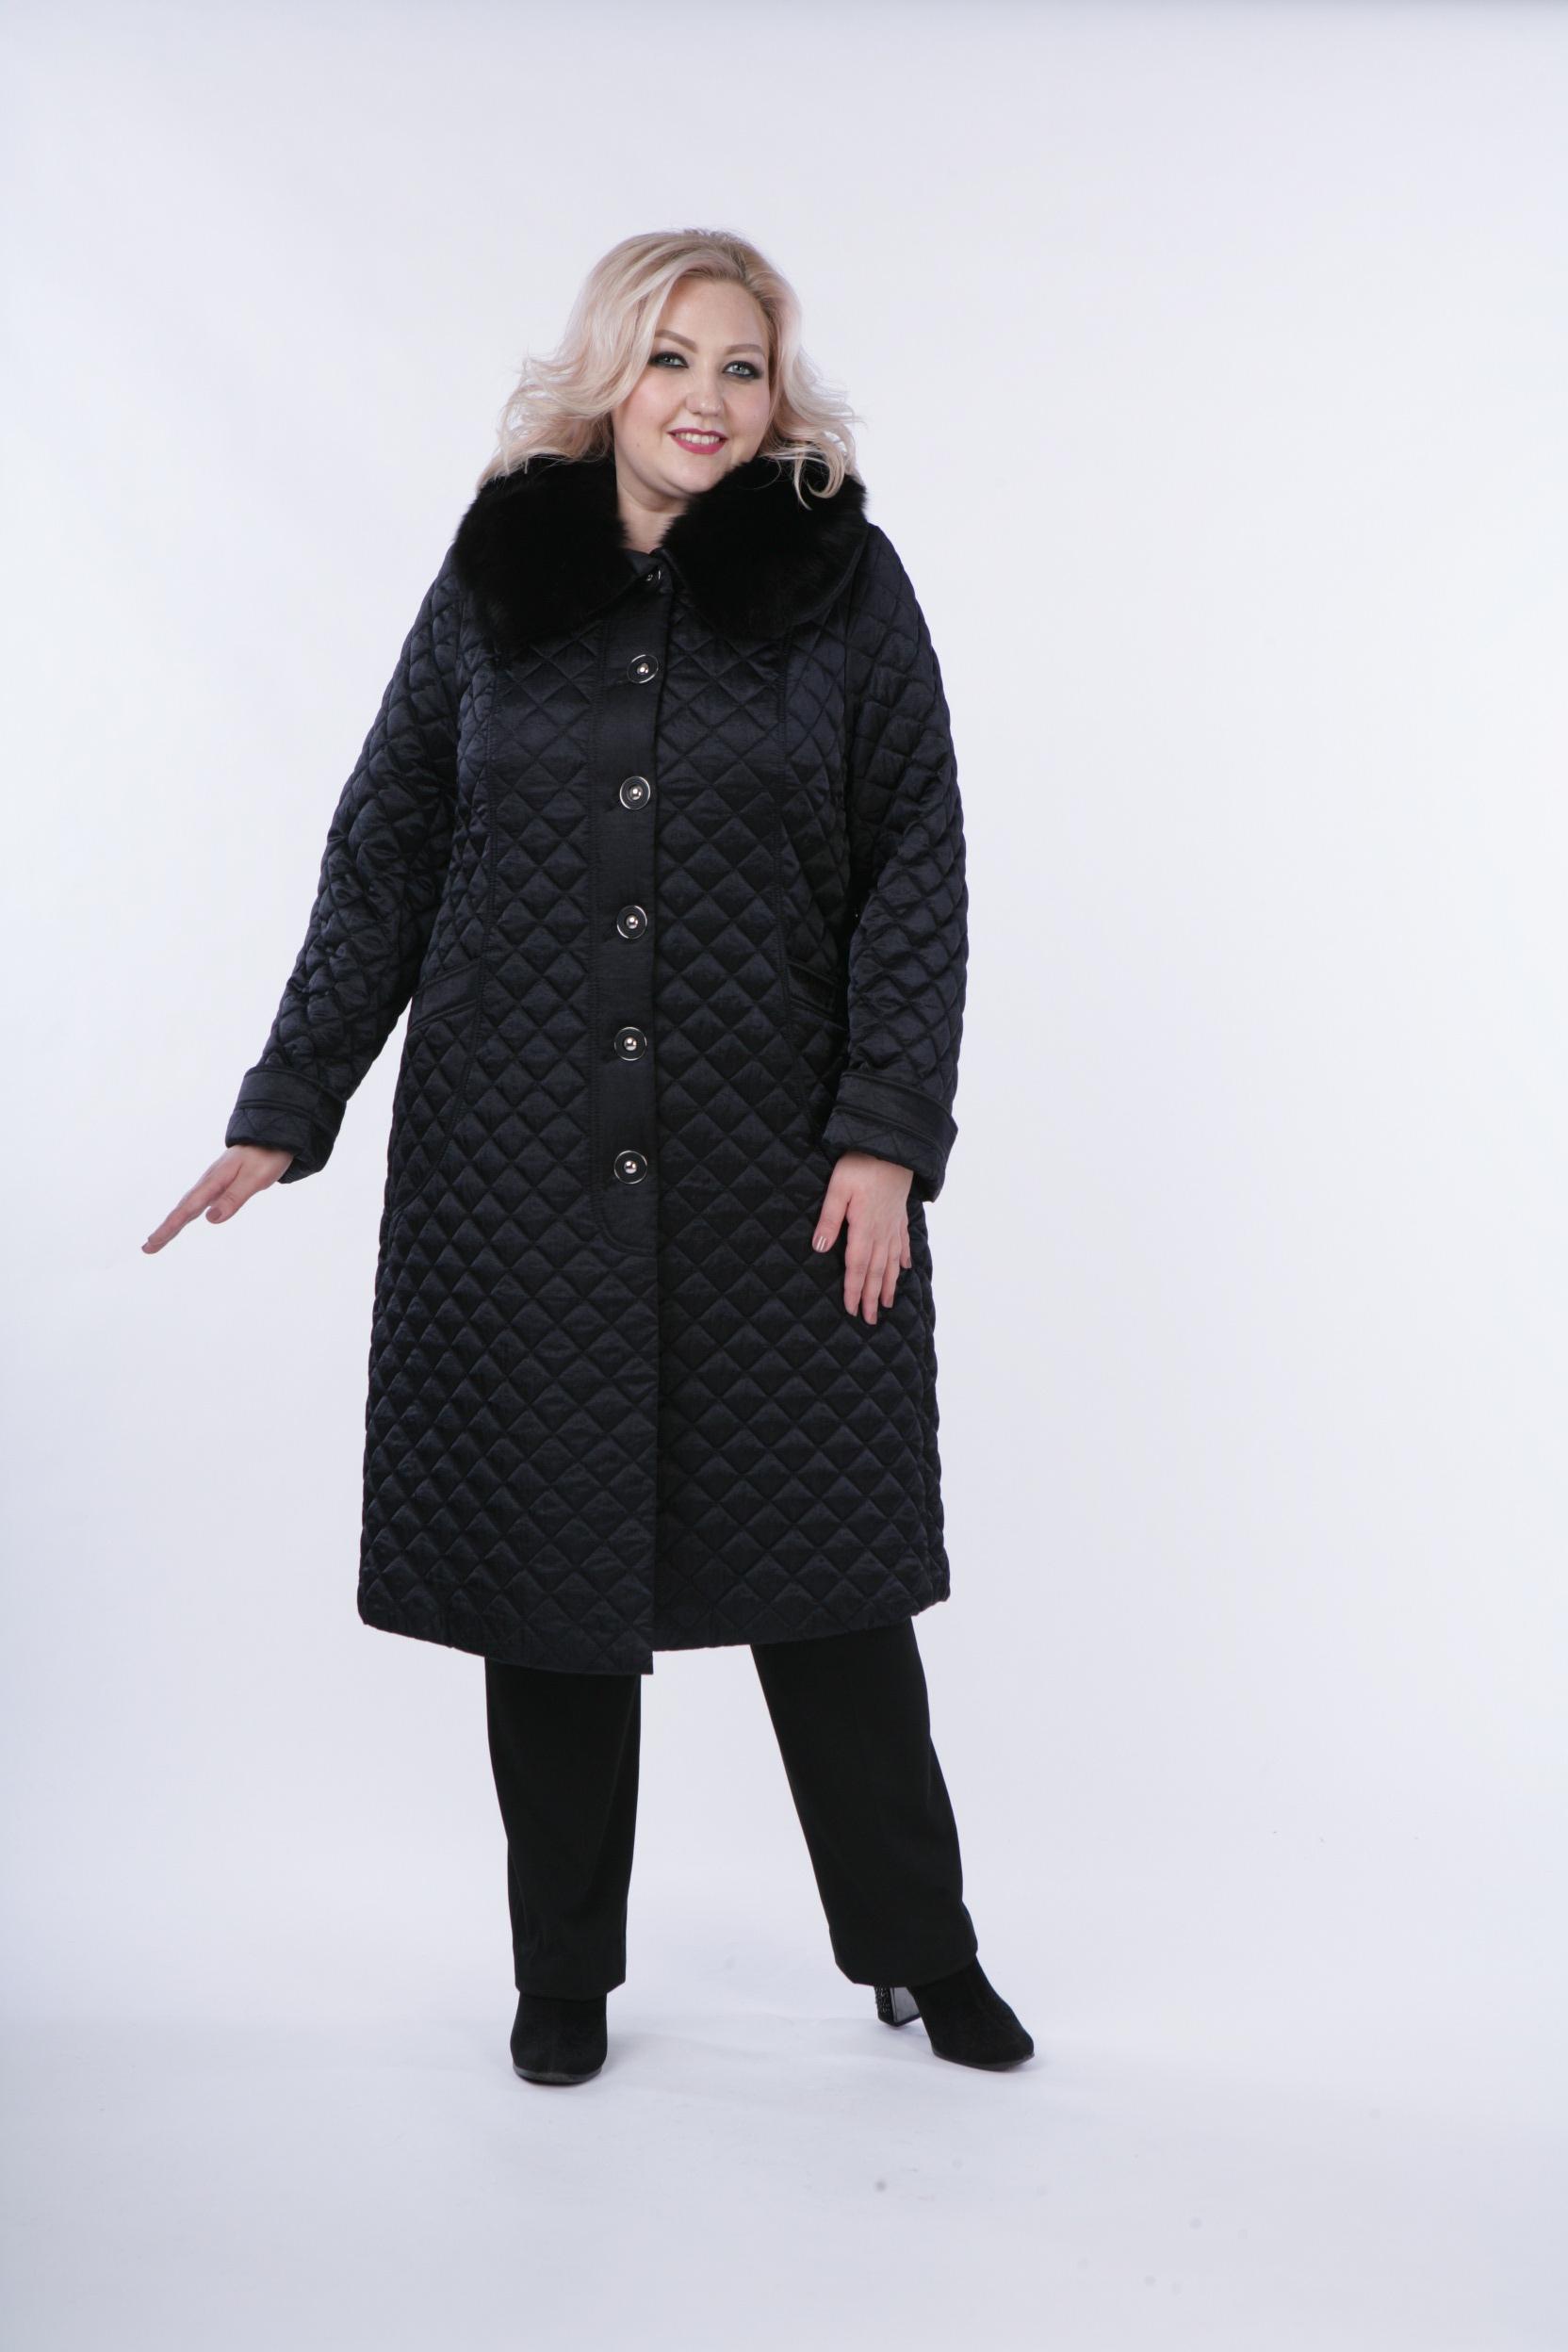 Верхняя одежда для пышных красавиц с 46 до 80 р-ра от производителя. Пи т- жак- оф ф 10- это куртки, пуховики, пальто